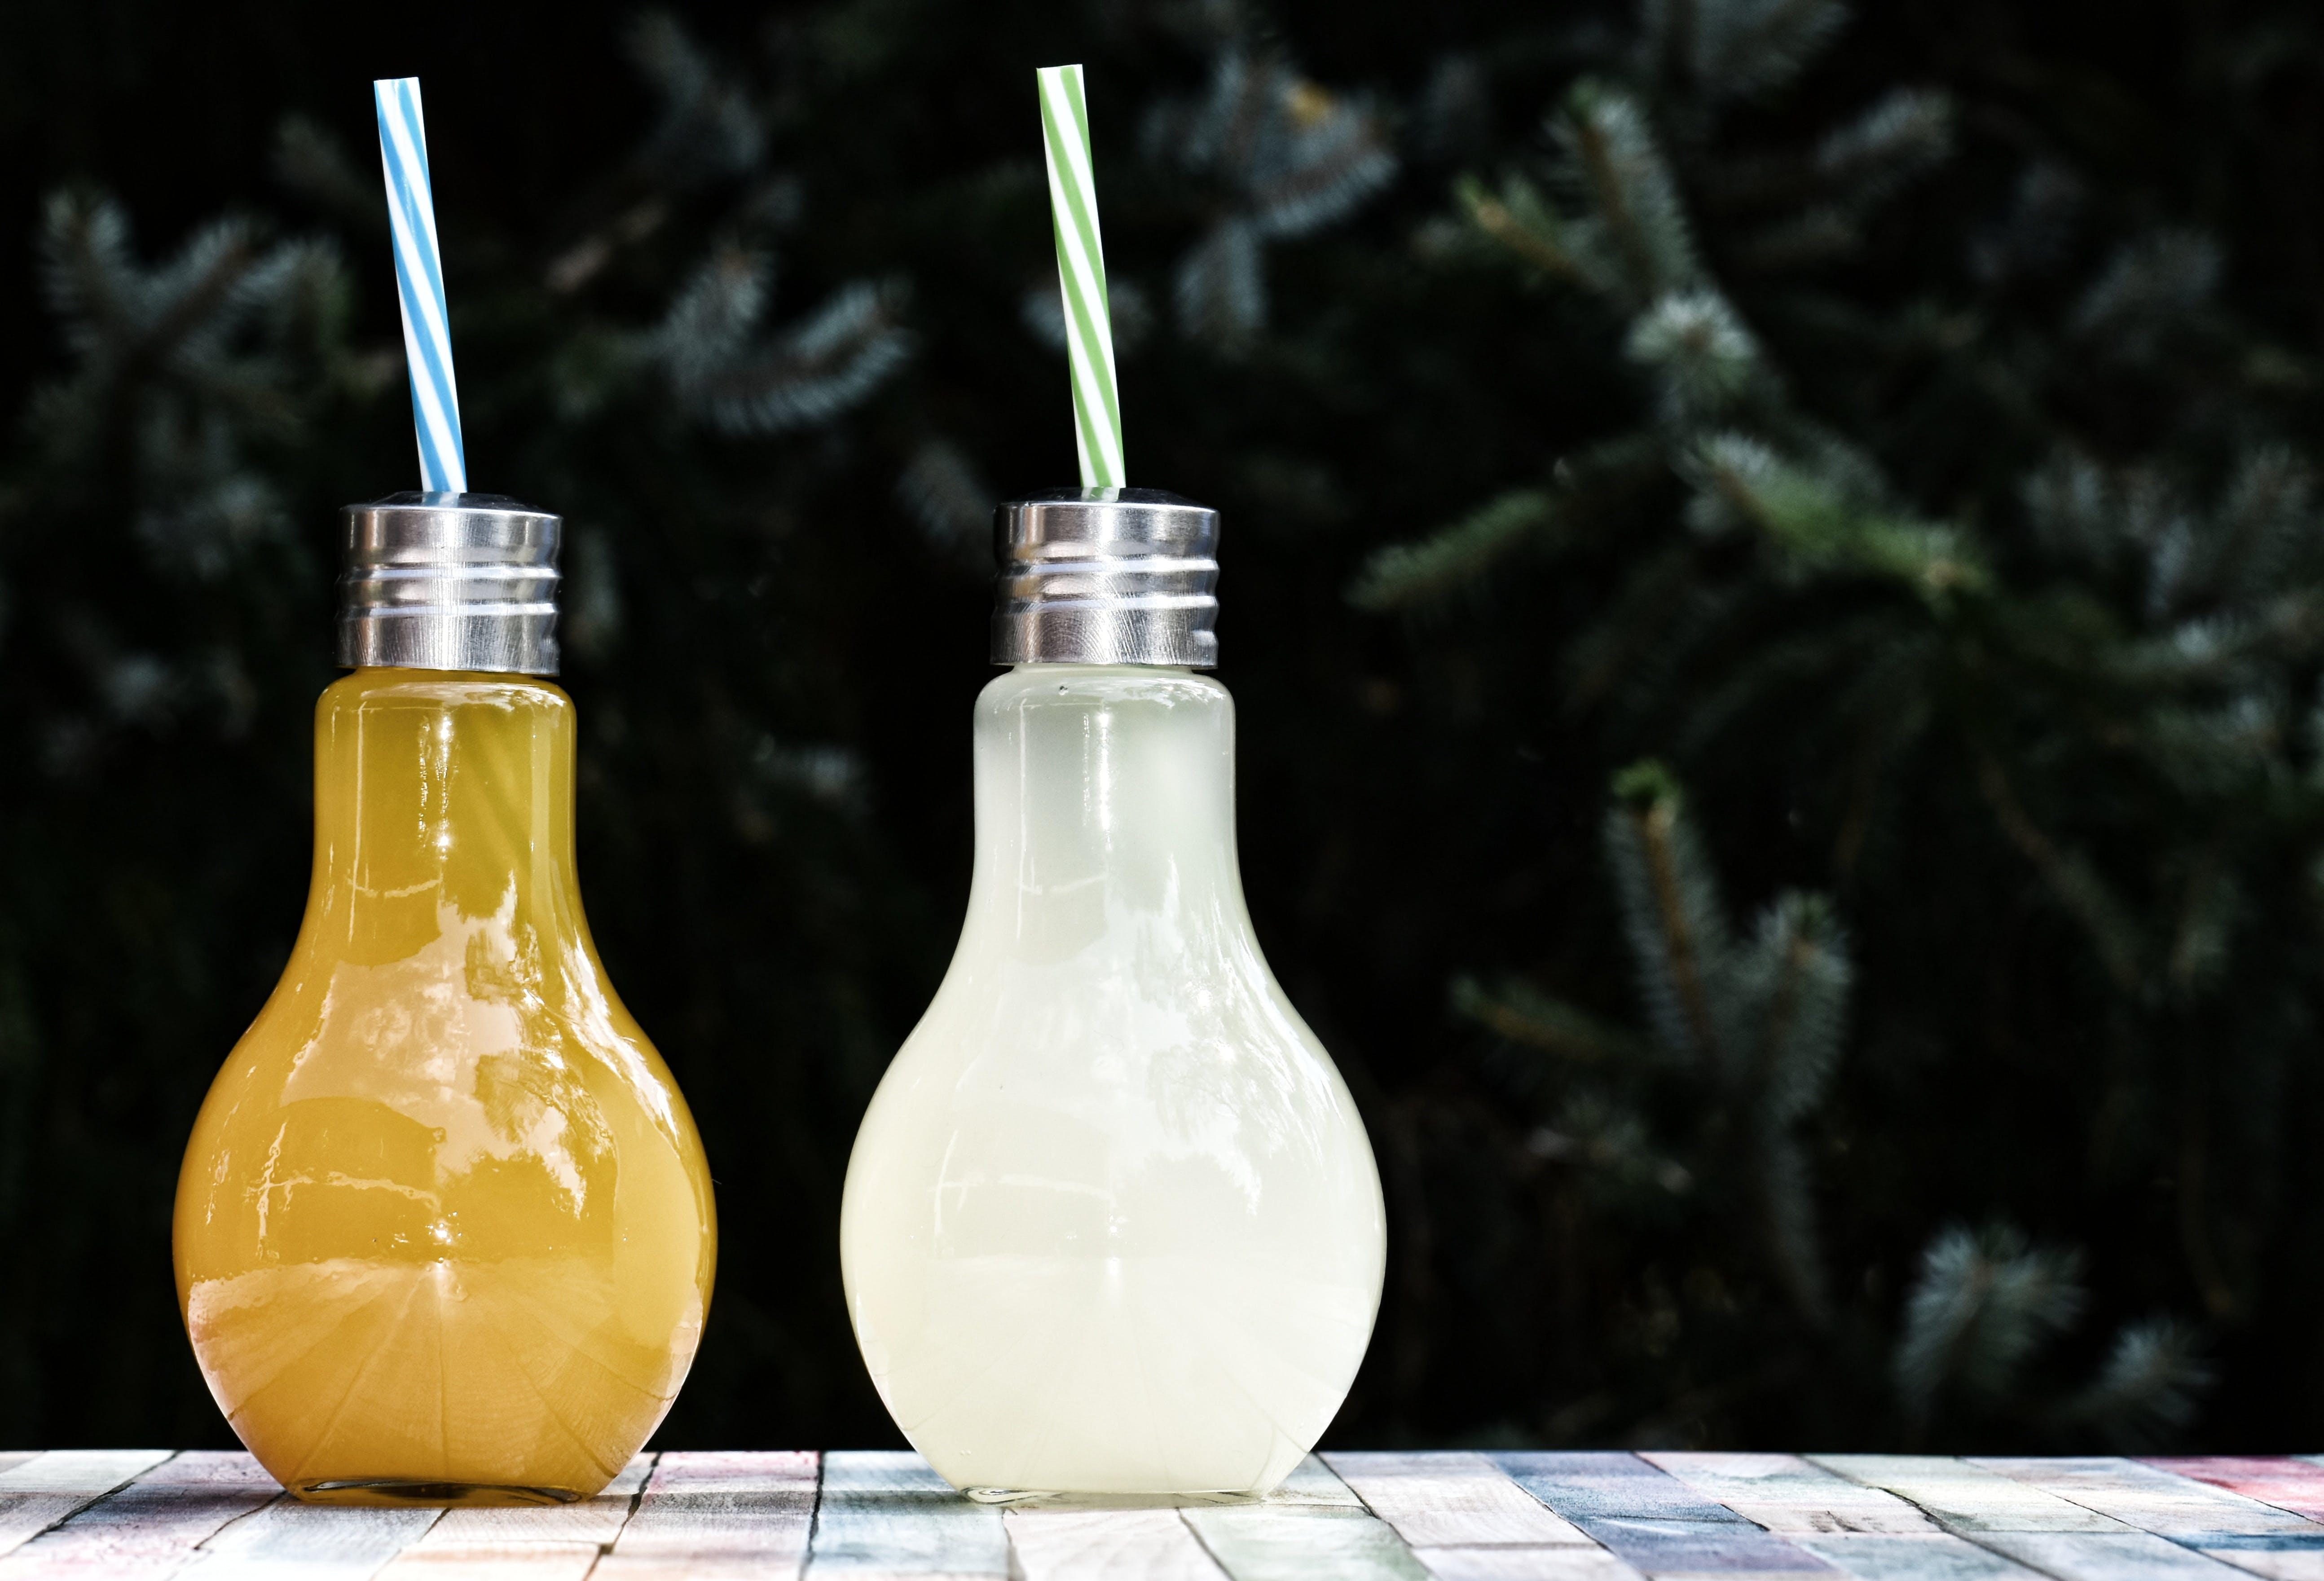 さわやか, ガラス, コールド, ジュースの無料の写真素材